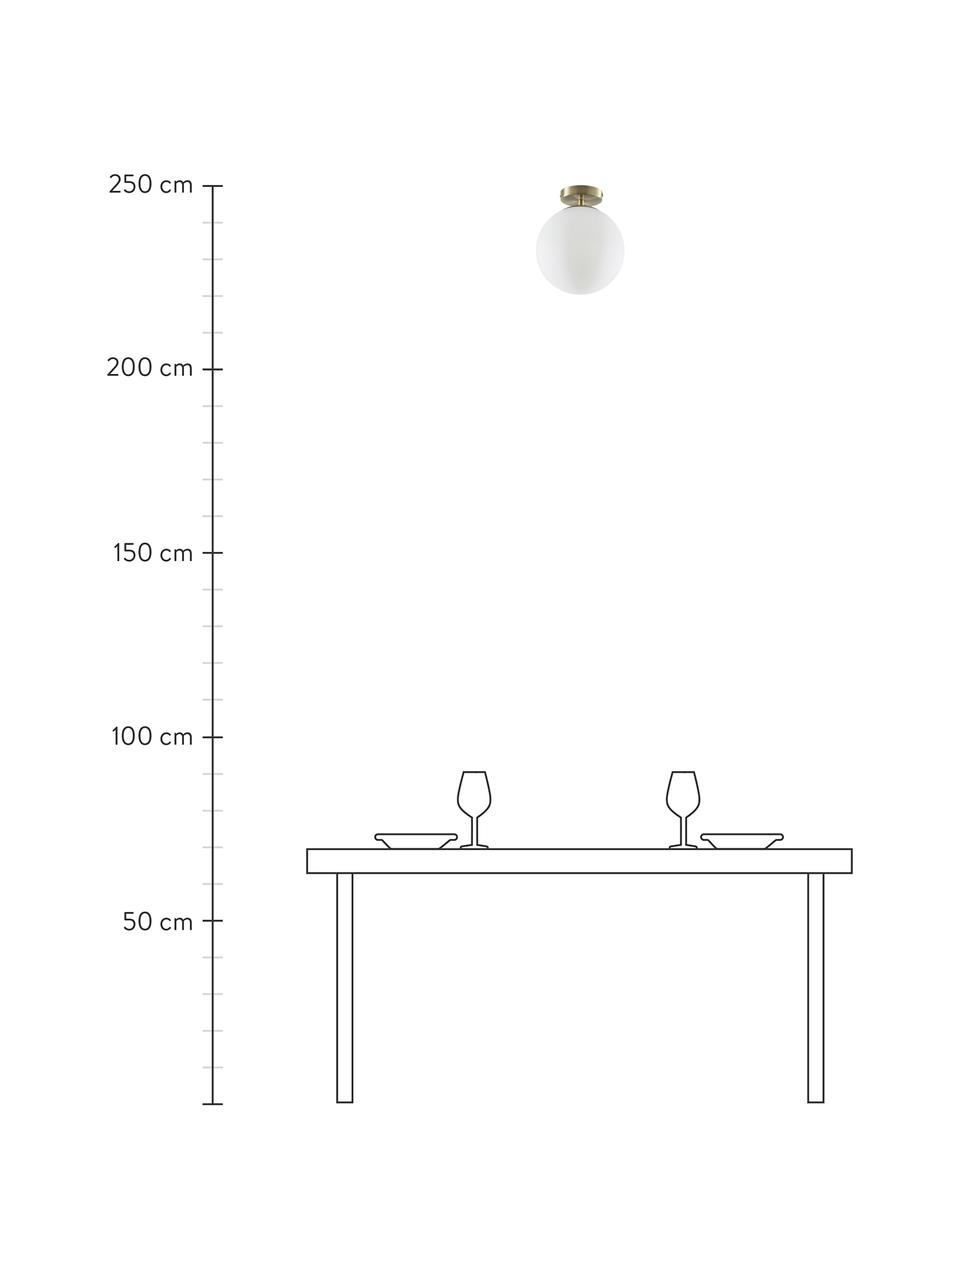 Kleine Deckenleuchte Hitch aus Glas, Baldachin: Metall, vermessingt, Lampenschirm: Glas, Baldachin und Fassung: Messing, mattLampenschirm: Weiss, Ø 25 x H 30 cm